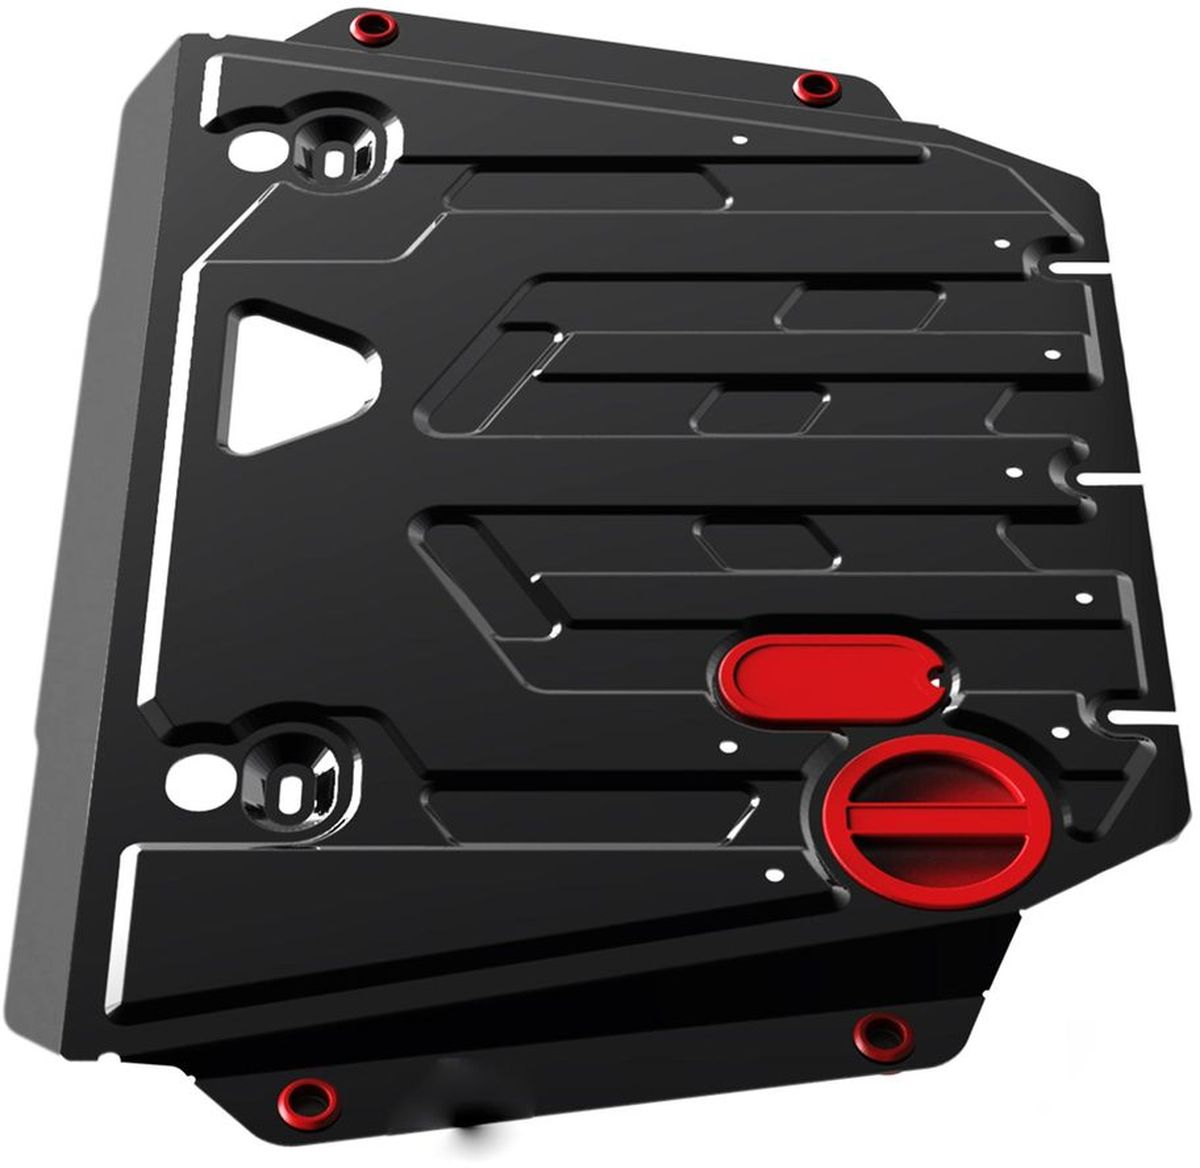 Защита картера и КПП Автоброня, для Kia Optima, V - 2,0(150hp); 2,4GDI(188hp); 2,0T-GDI(245hp) (2016-)CA-3505Технологически совершенный продукт за невысокую стоимость.Защита разработана с учетом особенностей днища автомобиля, что позволяет сохранить дорожный просвет с минимальным изменением.Защита устанавливается в штатные места кузова автомобиля. Глубокий штамп обеспечивает до двух раз больше жесткости в сравнении с обычной защитой той же толщины. Проштампованные ребра жесткости препятствуют деформации защиты при ударах.Тепловой зазор и вентиляционные отверстия обеспечивают сохранение температурного режима двигателя в норме. Скрытый крепеж предотвращает срыв крепежных элементов при наезде на препятствие.Шумопоглощающие резиновые элементы обеспечивают комфортную езду без вибраций и скрежета металла, а съемные лючки для слива масла и замены фильтра - экономию средств и время.Конструкция изделия не влияет на пассивную безопасность автомобиля (при ударе защита не воздействует на деформационные зоны кузова). Со штатным крепежом. В комплекте инструкция по установке.Толщина стали: 2 мм.Уважаемые клиенты!Обращаем ваше внимание, что элемент защиты имеет форму, соответствующую модели данного автомобиля. Фото служит для визуального восприятия товара и может отличаться от фактического.